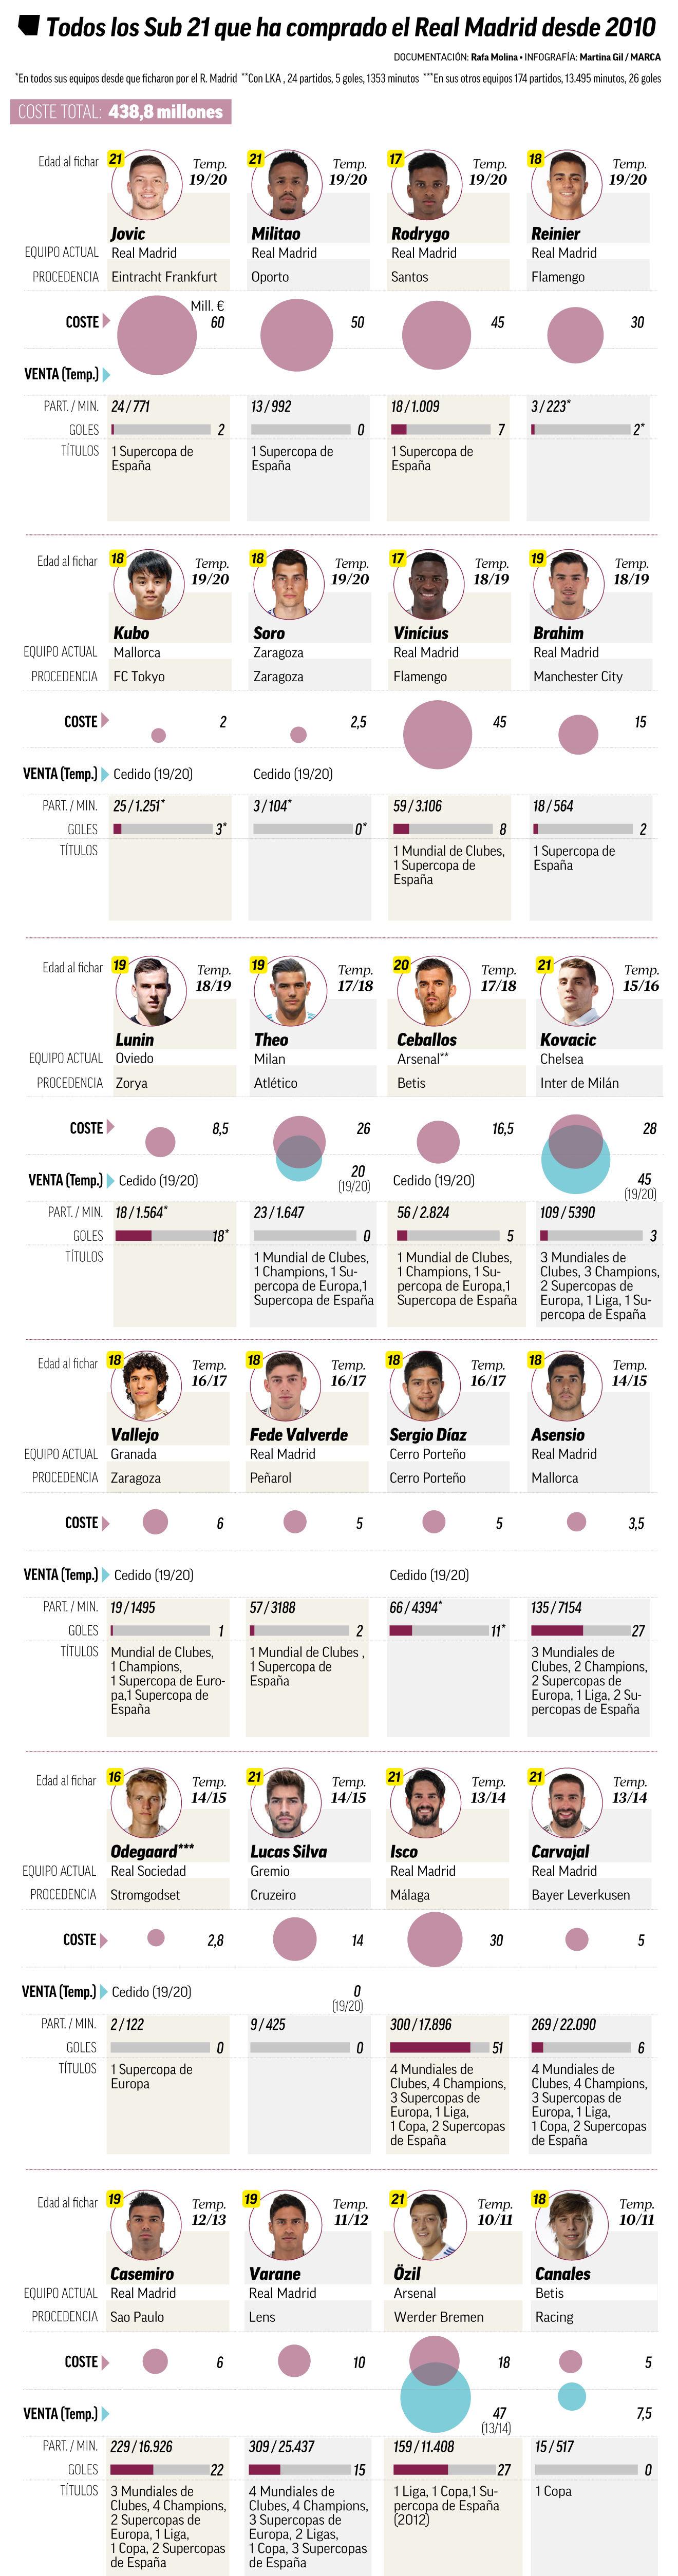 Трансфер Луніна як тенденція. За останніх десять років Реал витратив понад 400 млн на гравців до 21-го року - изображение 1